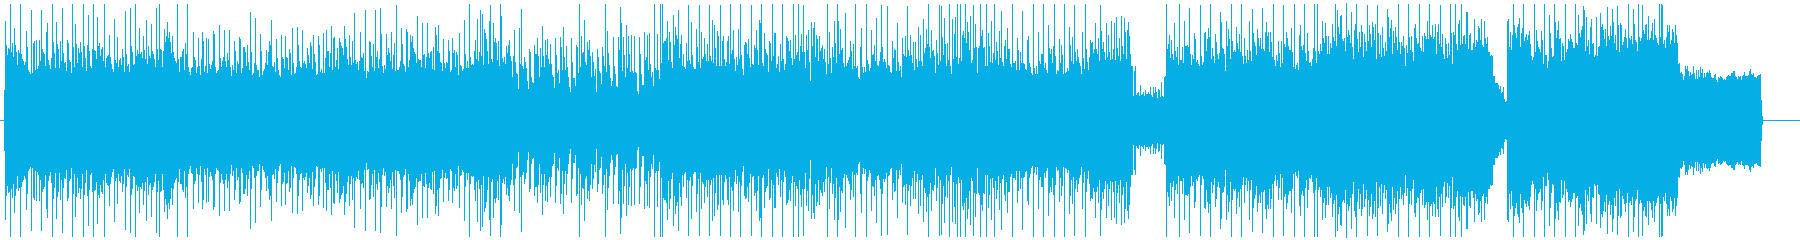 緊迫感あふれるロックBGMの再生済みの波形